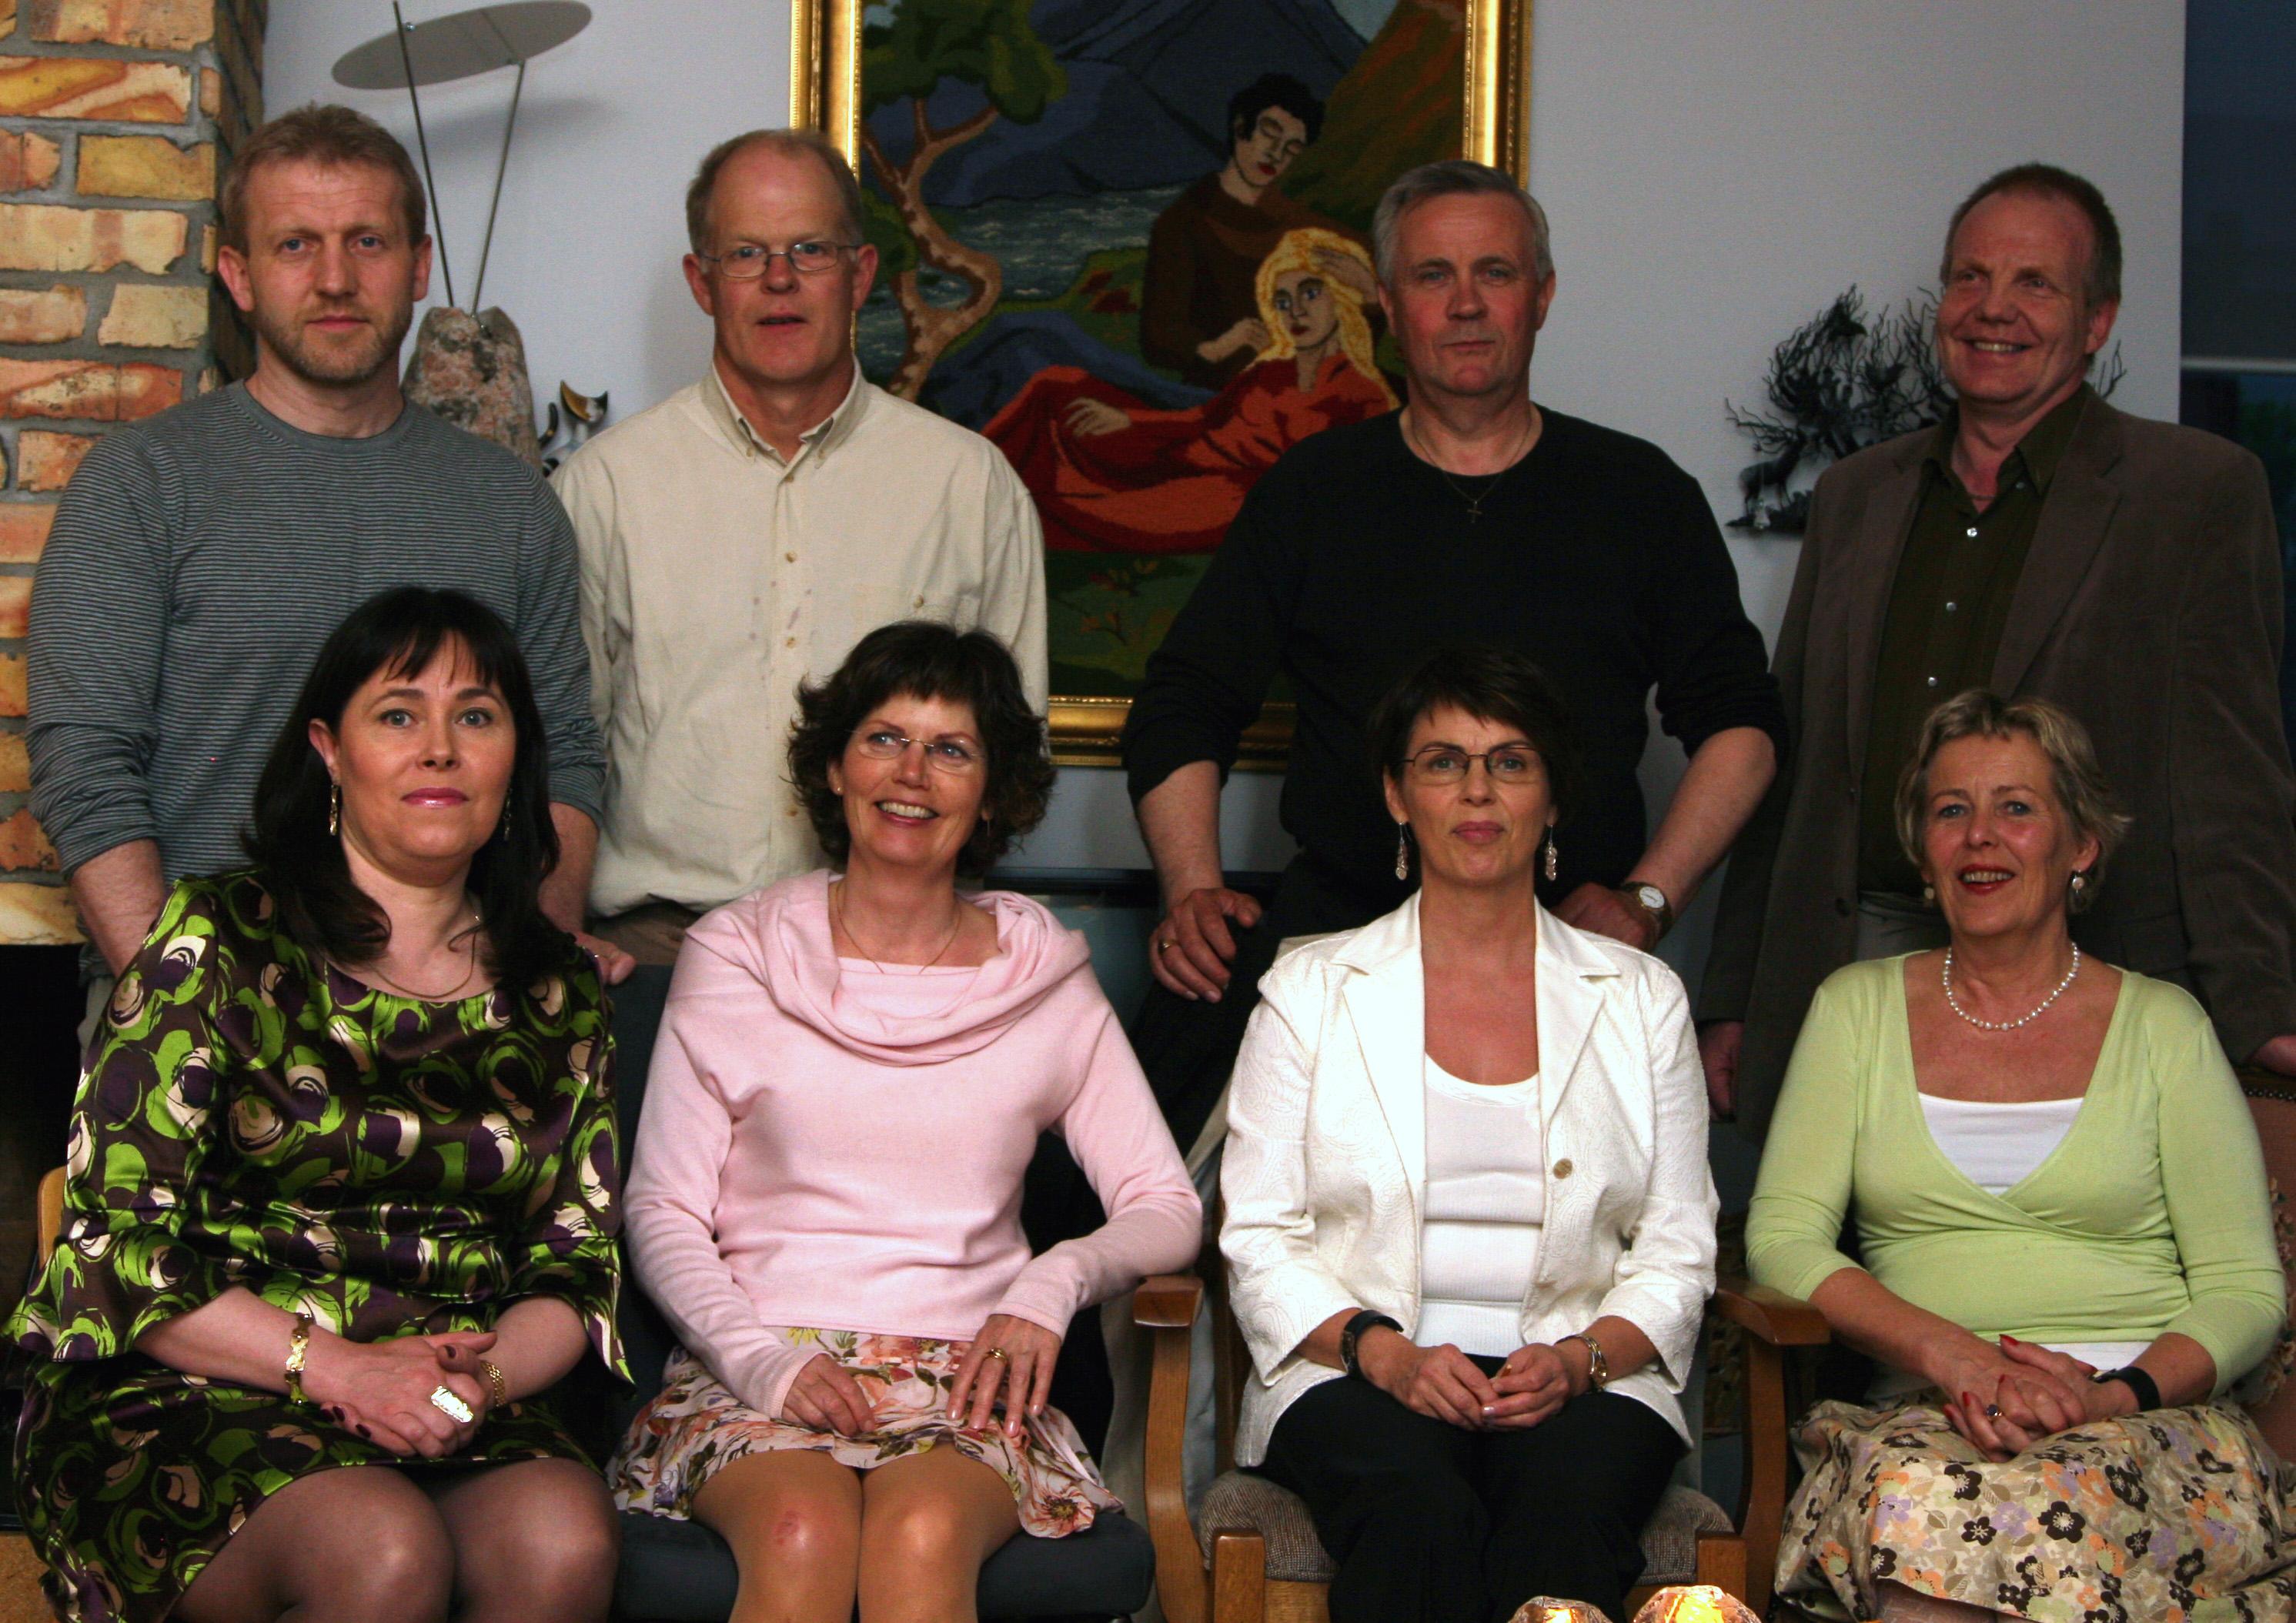 Makar E-bekkjarins hjá Ingu Braga 2007